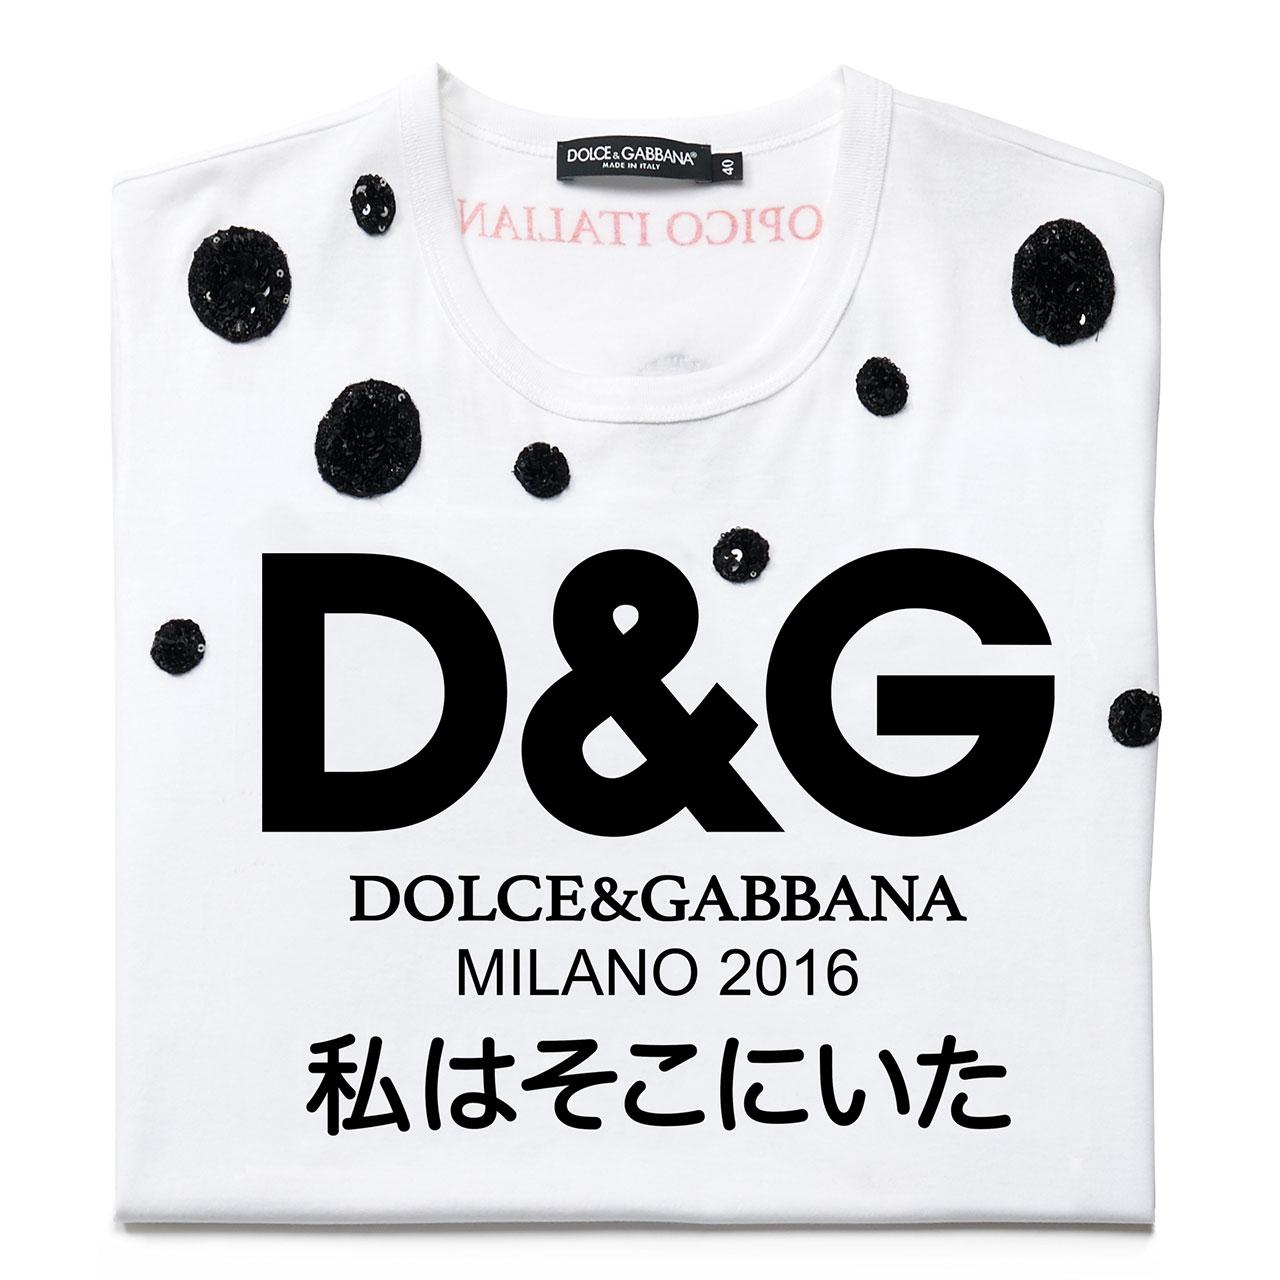 DG_image3